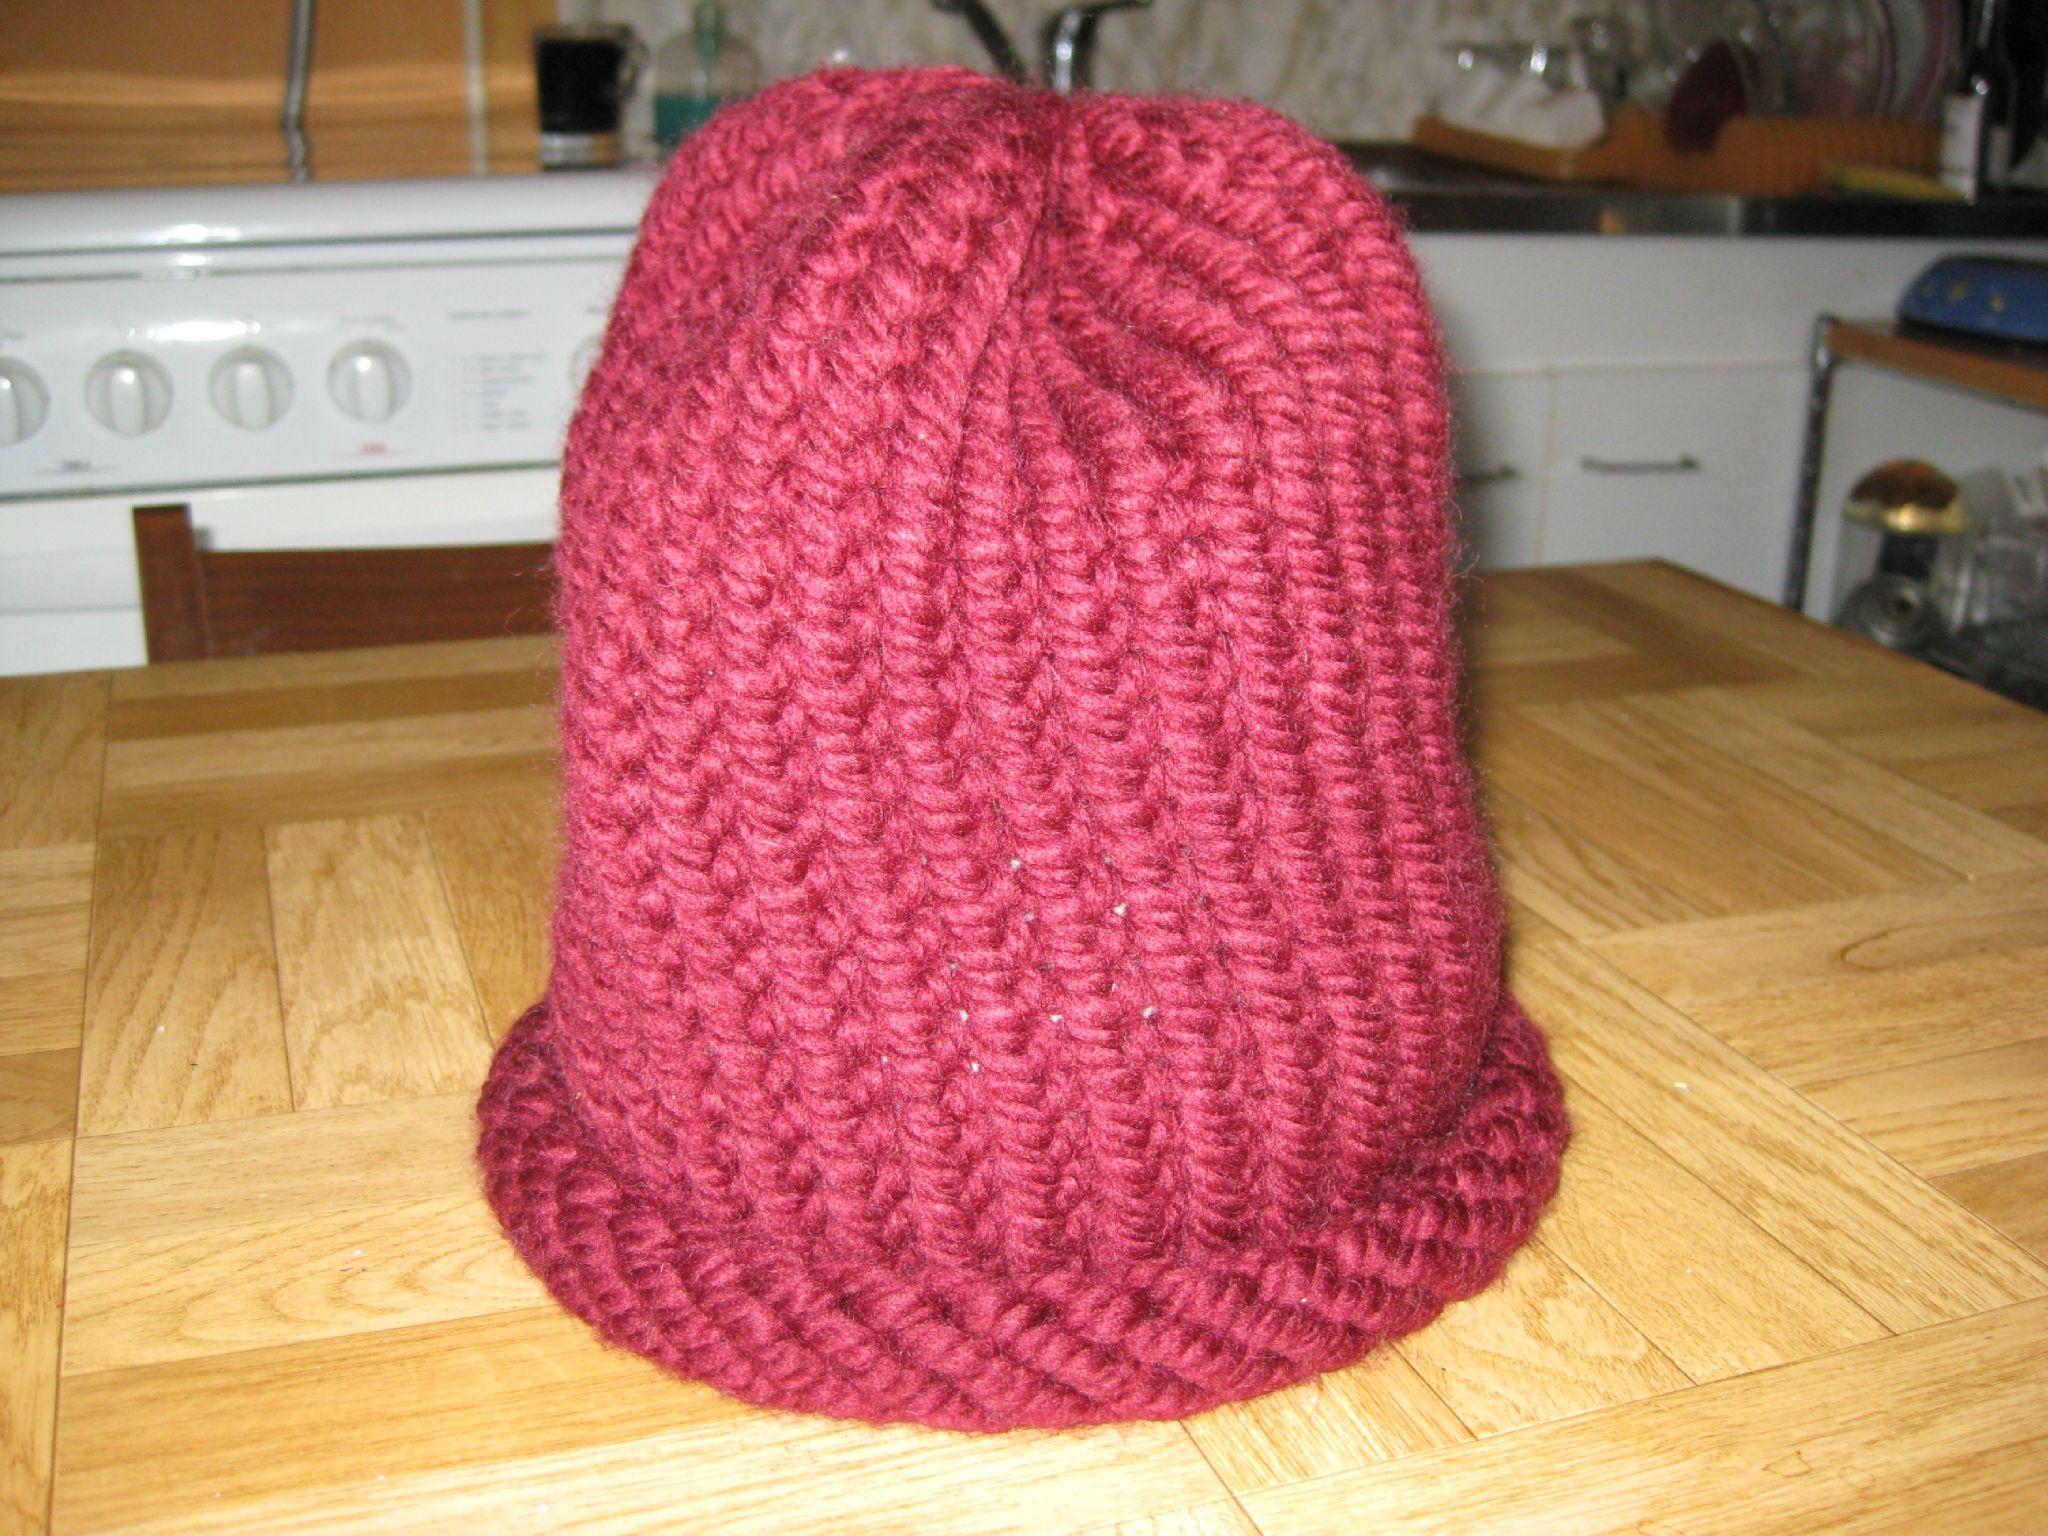 comment tricoter une tuque avec un tricotin | Bonnet tricotin circulaire